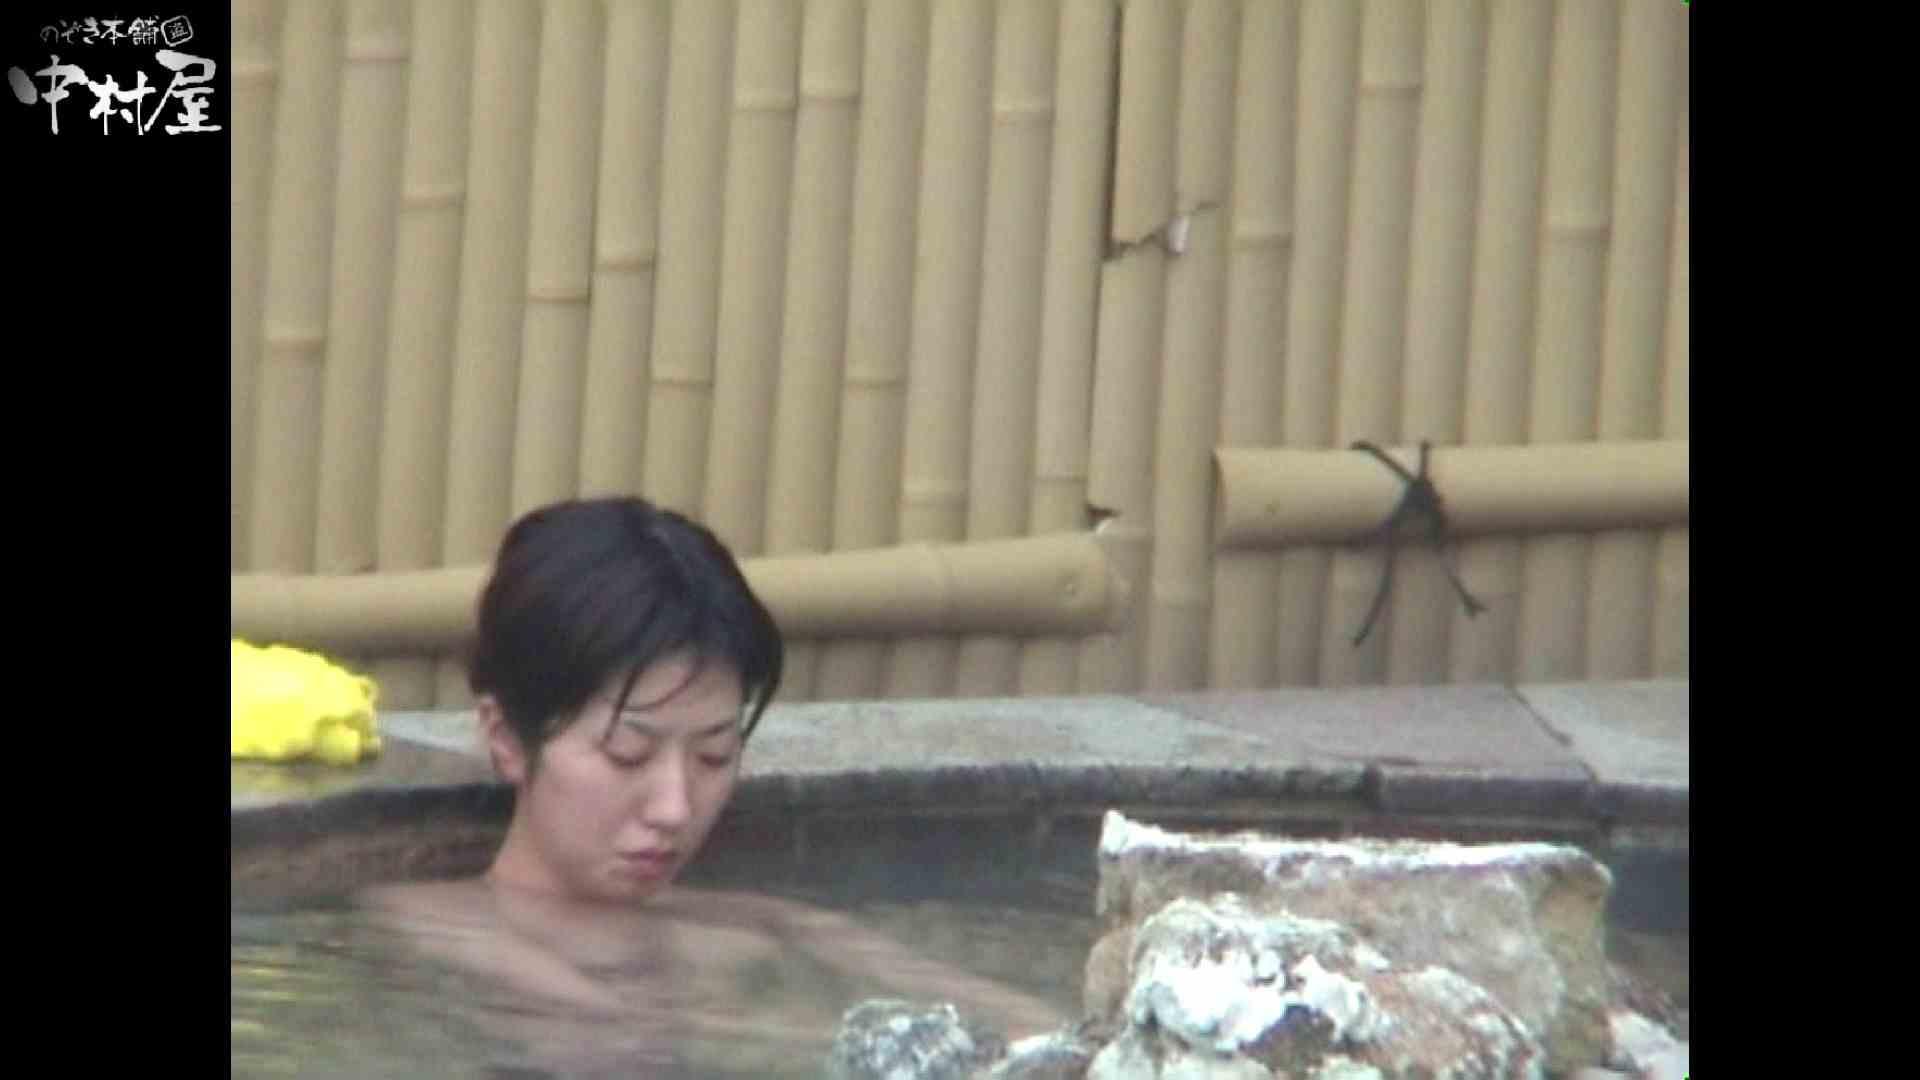 Aquaな露天風呂Vol.921 盗撮特集 | 露天  93画像 60